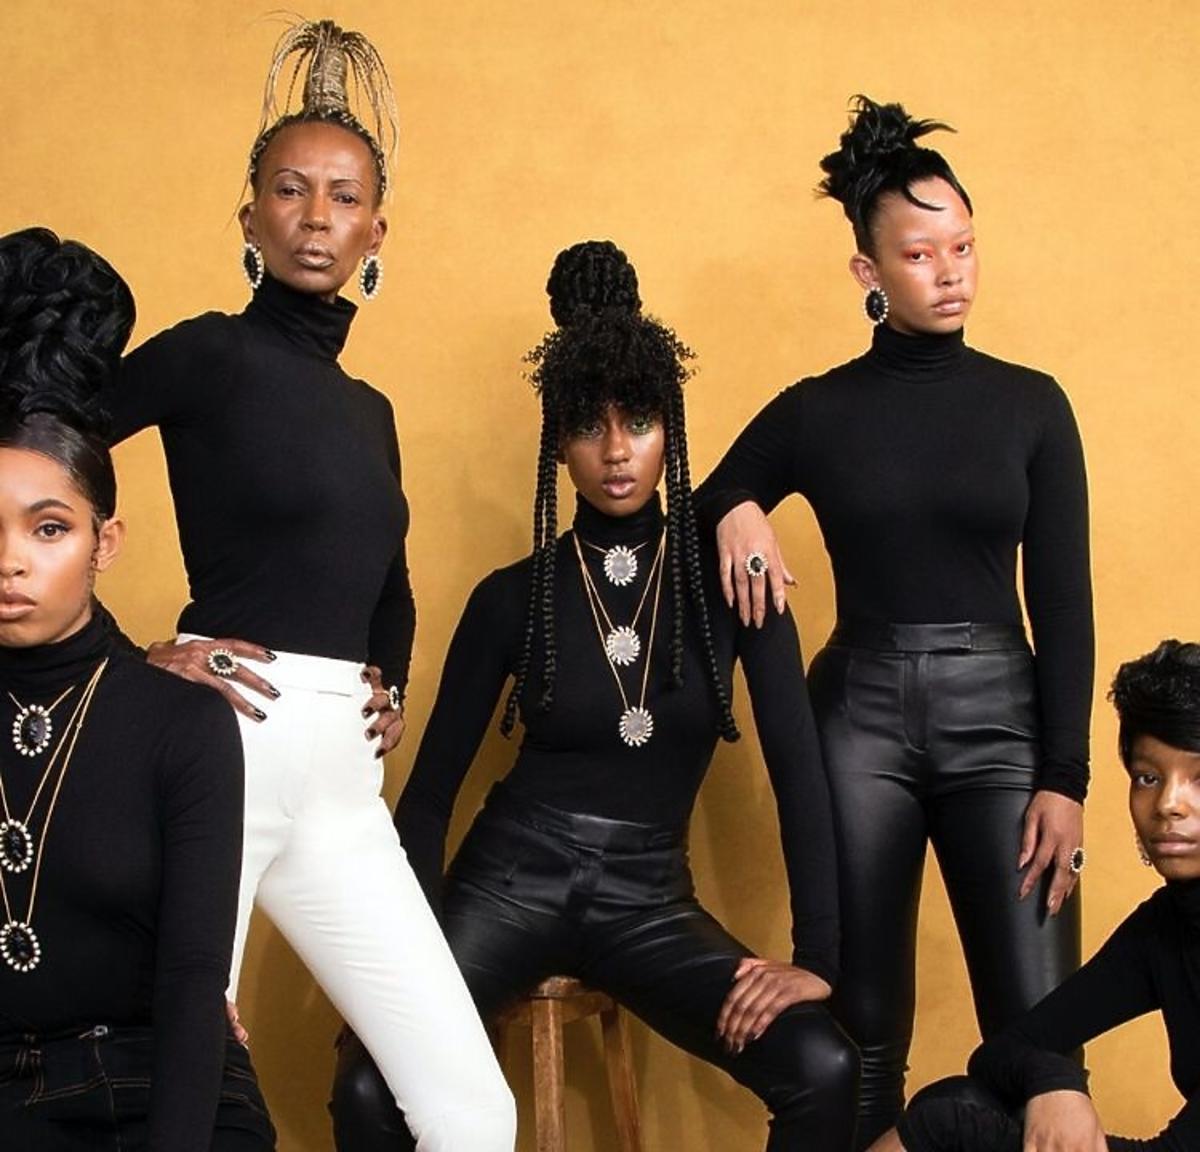 Biżuteria Fenty-nowa kampania bizuterii Fenty by Rihanna